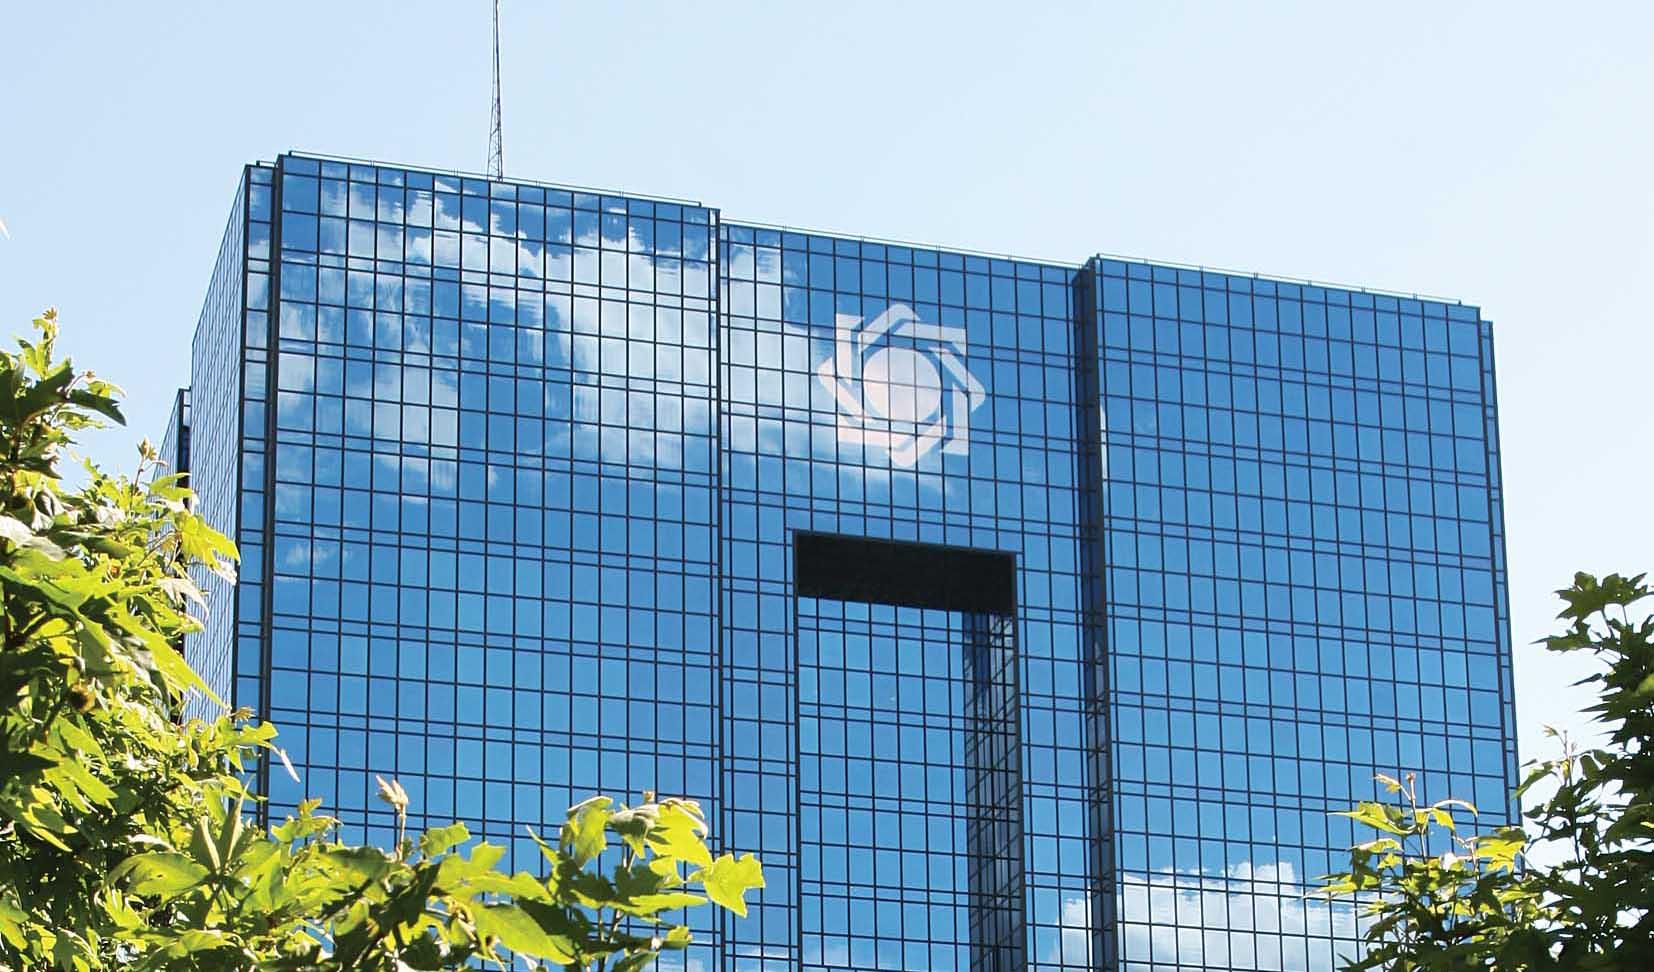 تدوین دستورالعمل انضباطی پرداخت یاران توسط بانک مرکزی